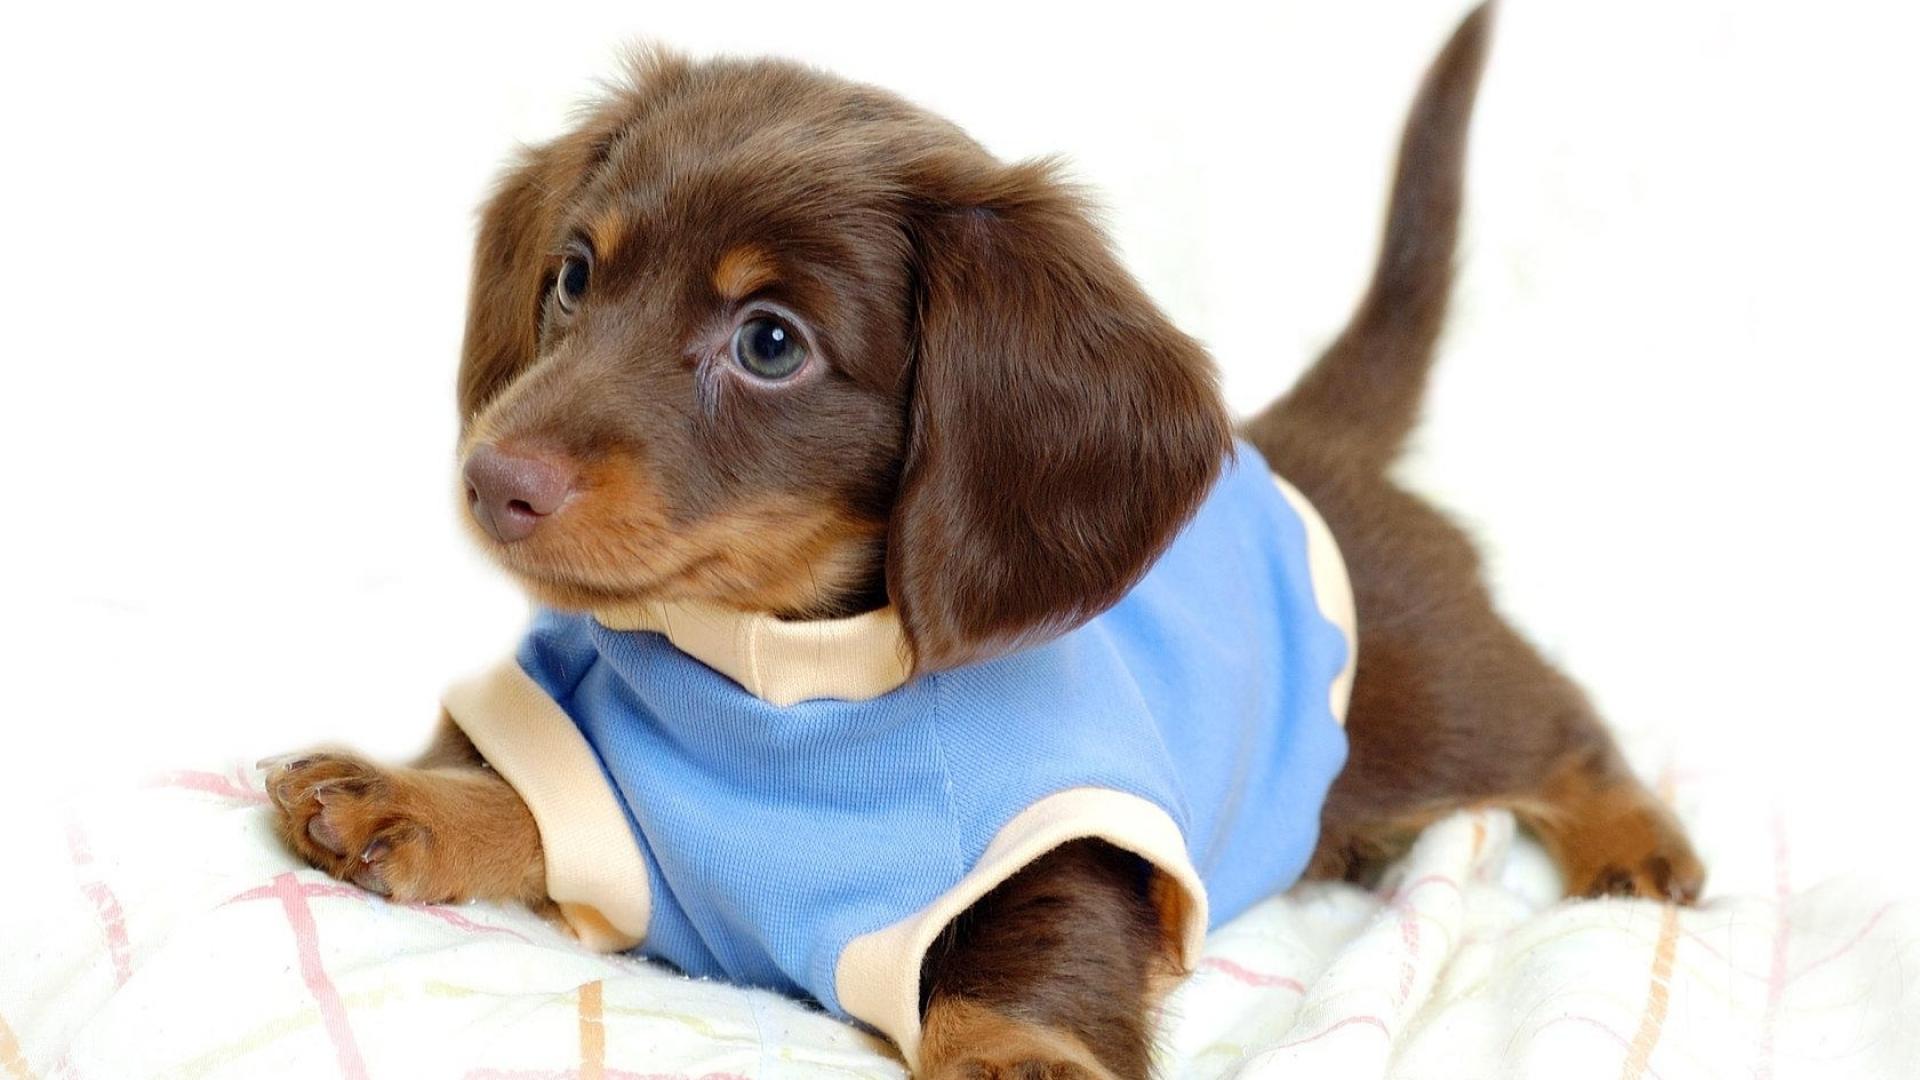 Маленький прикольный щеночек, щенок, пес, в голубой рубашке